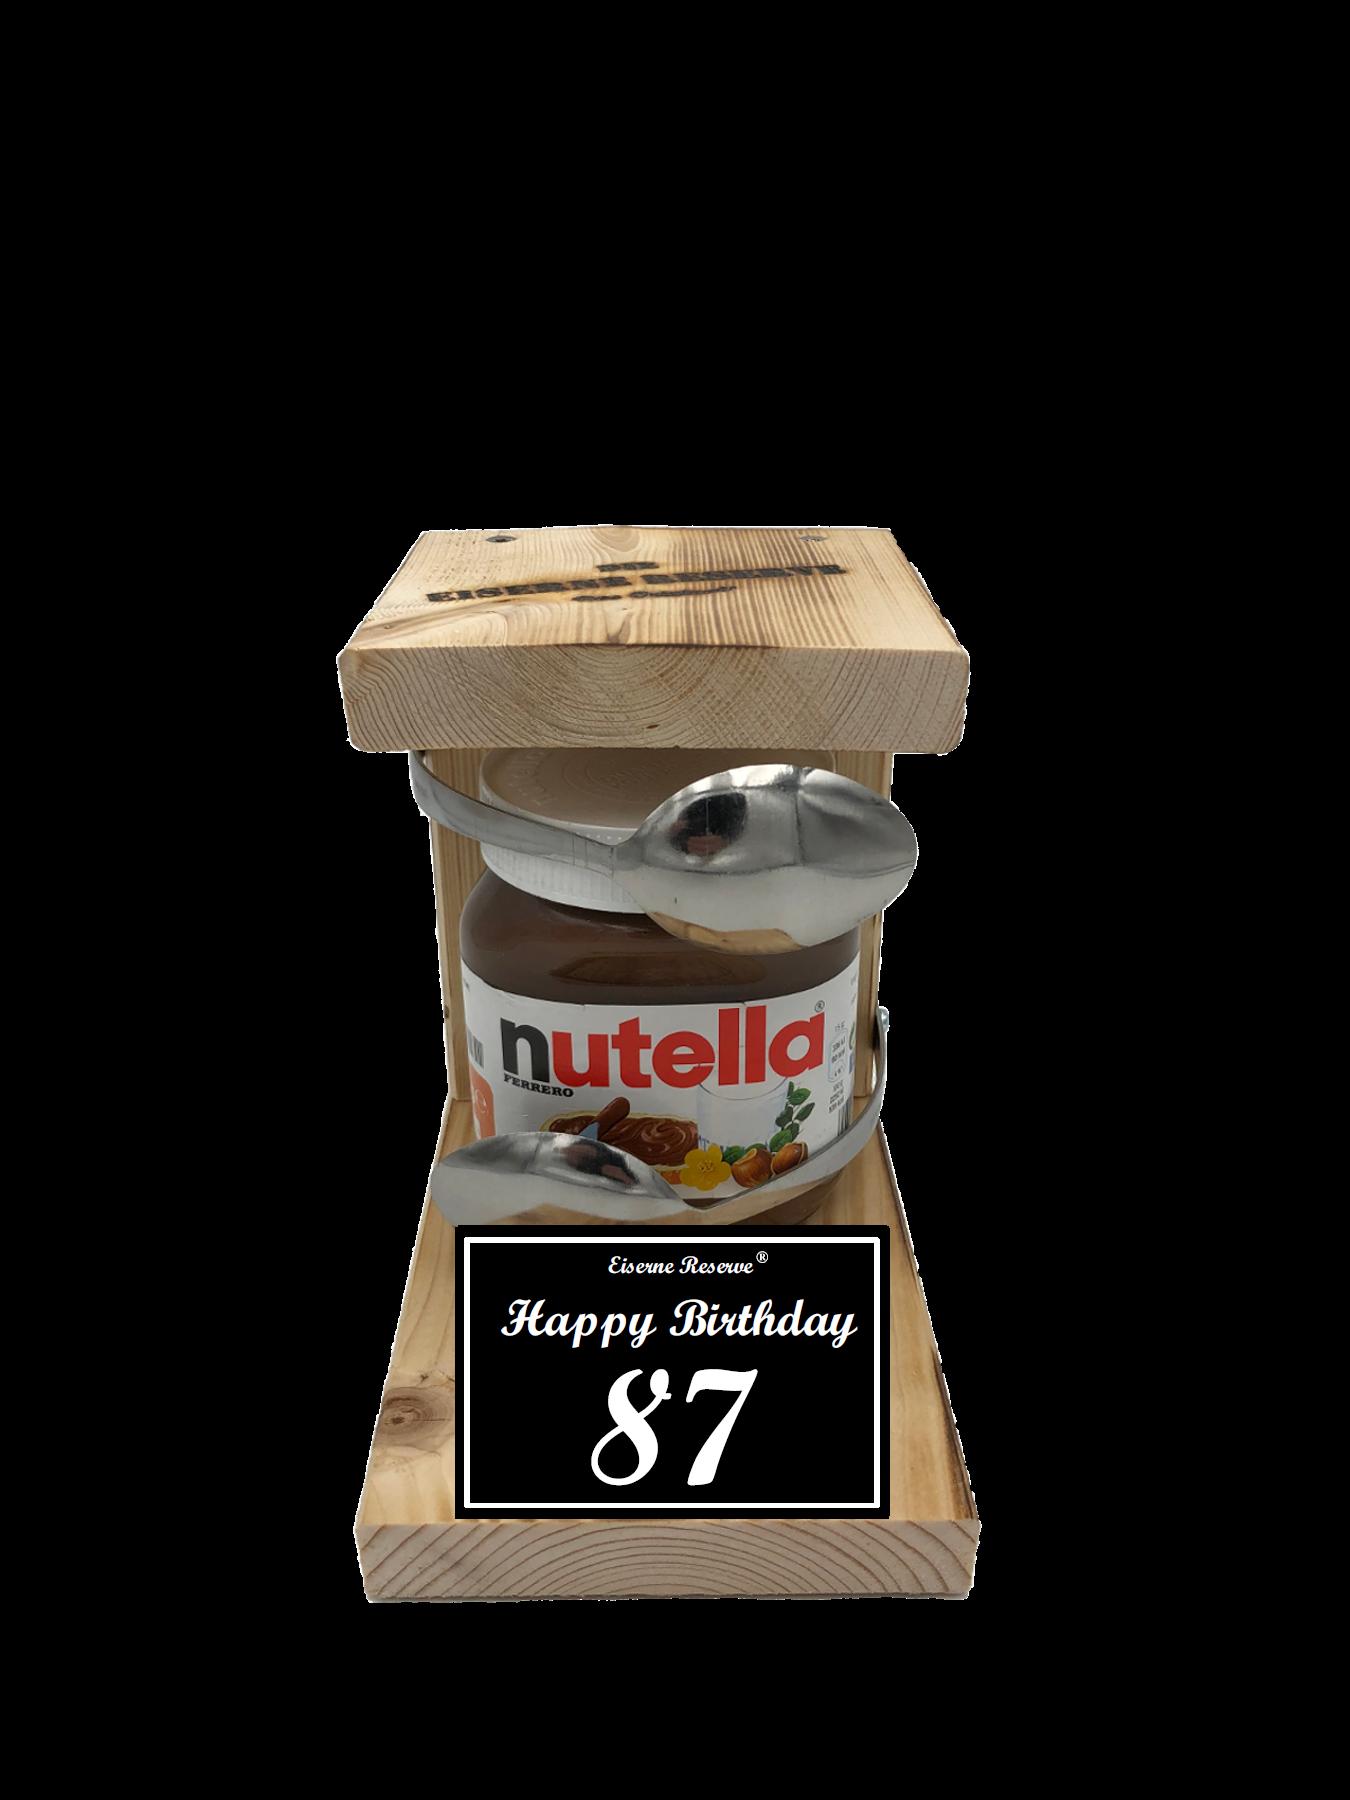 87 Happy Birthday Löffel Nutella Geschenk - Die Nutella Geschenkidee